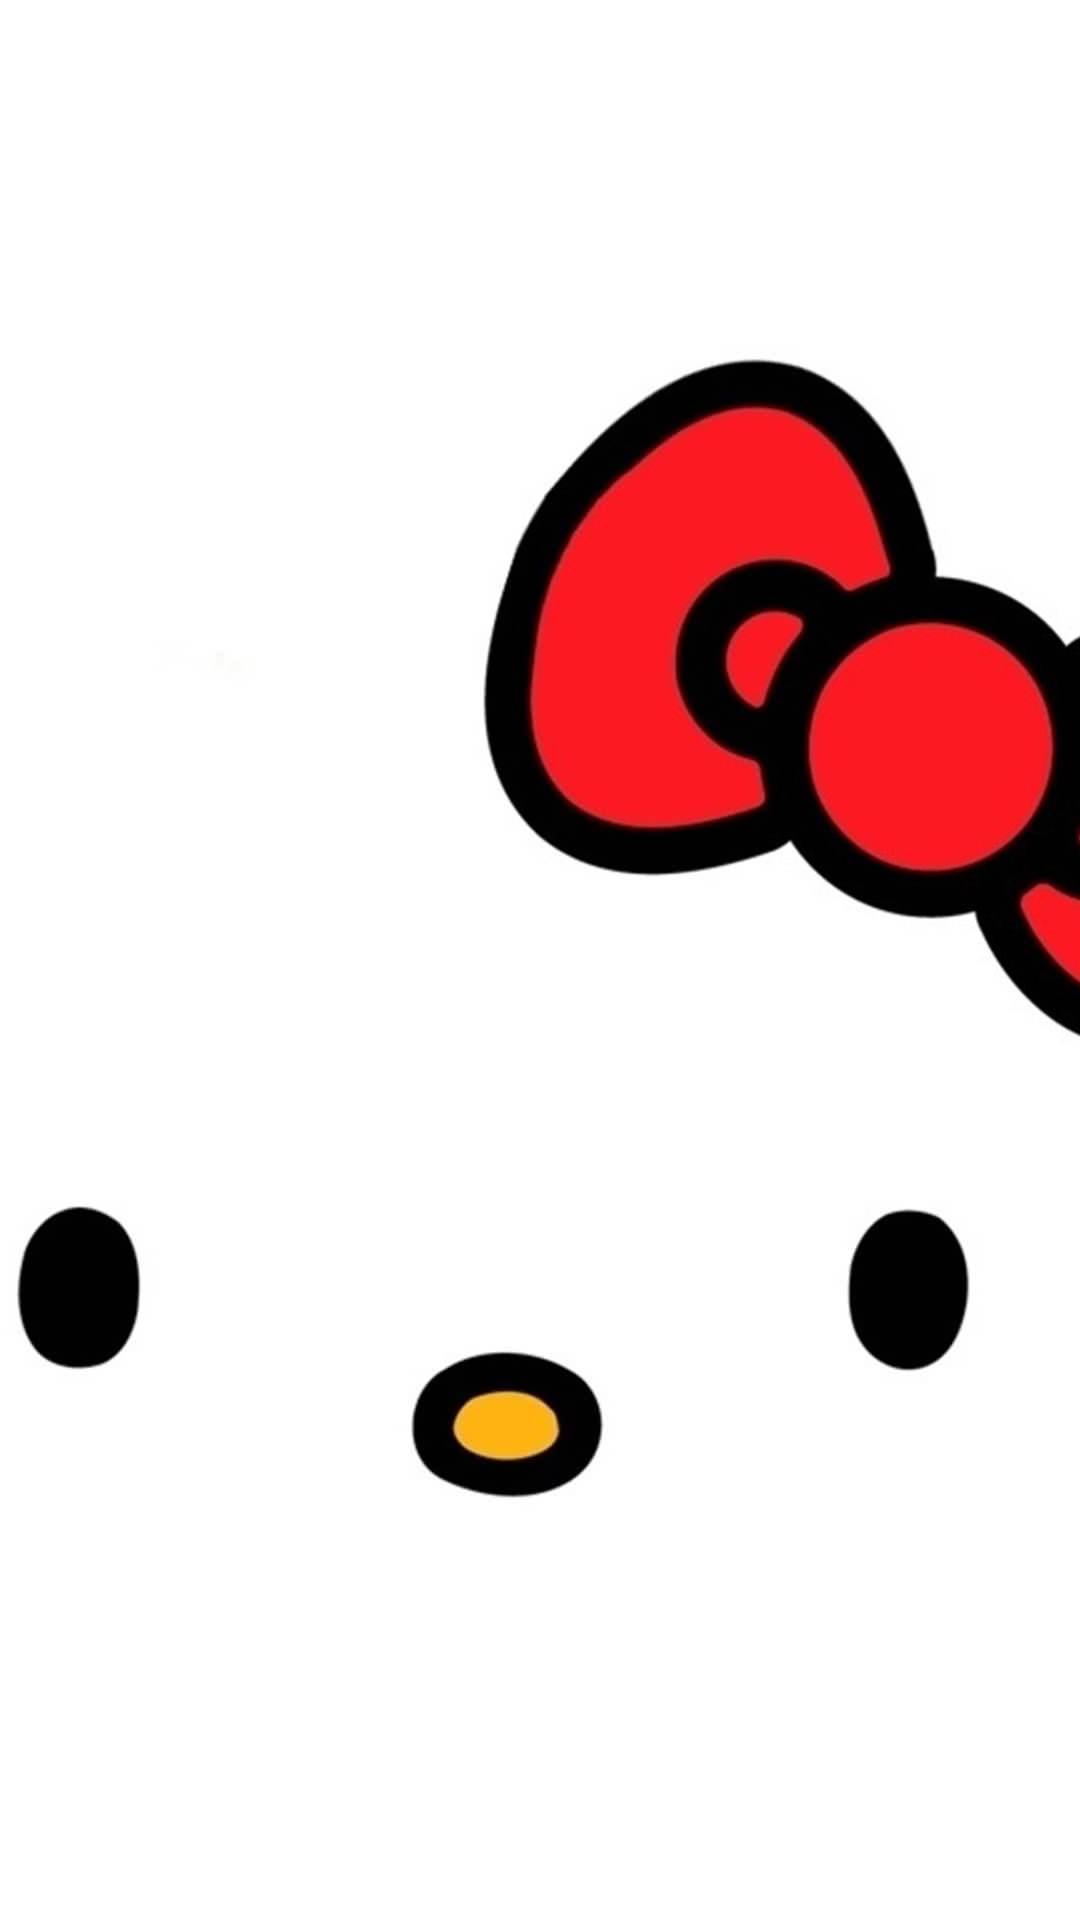 かわいいキティちゃん iPhone6 Plus壁紙